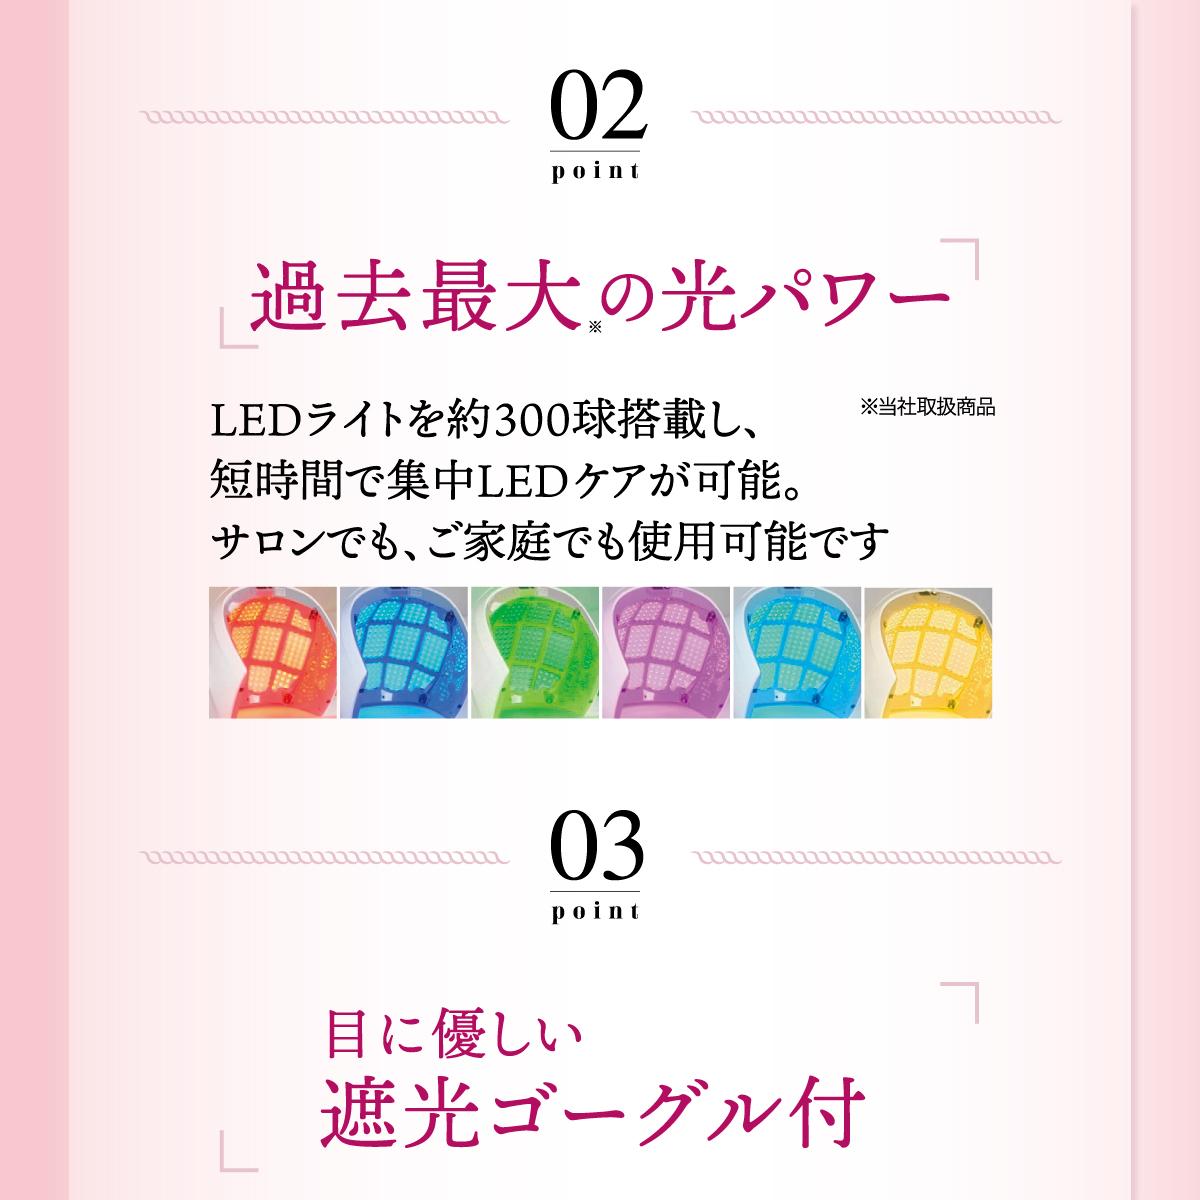 【プレミア】 LED美容ライト